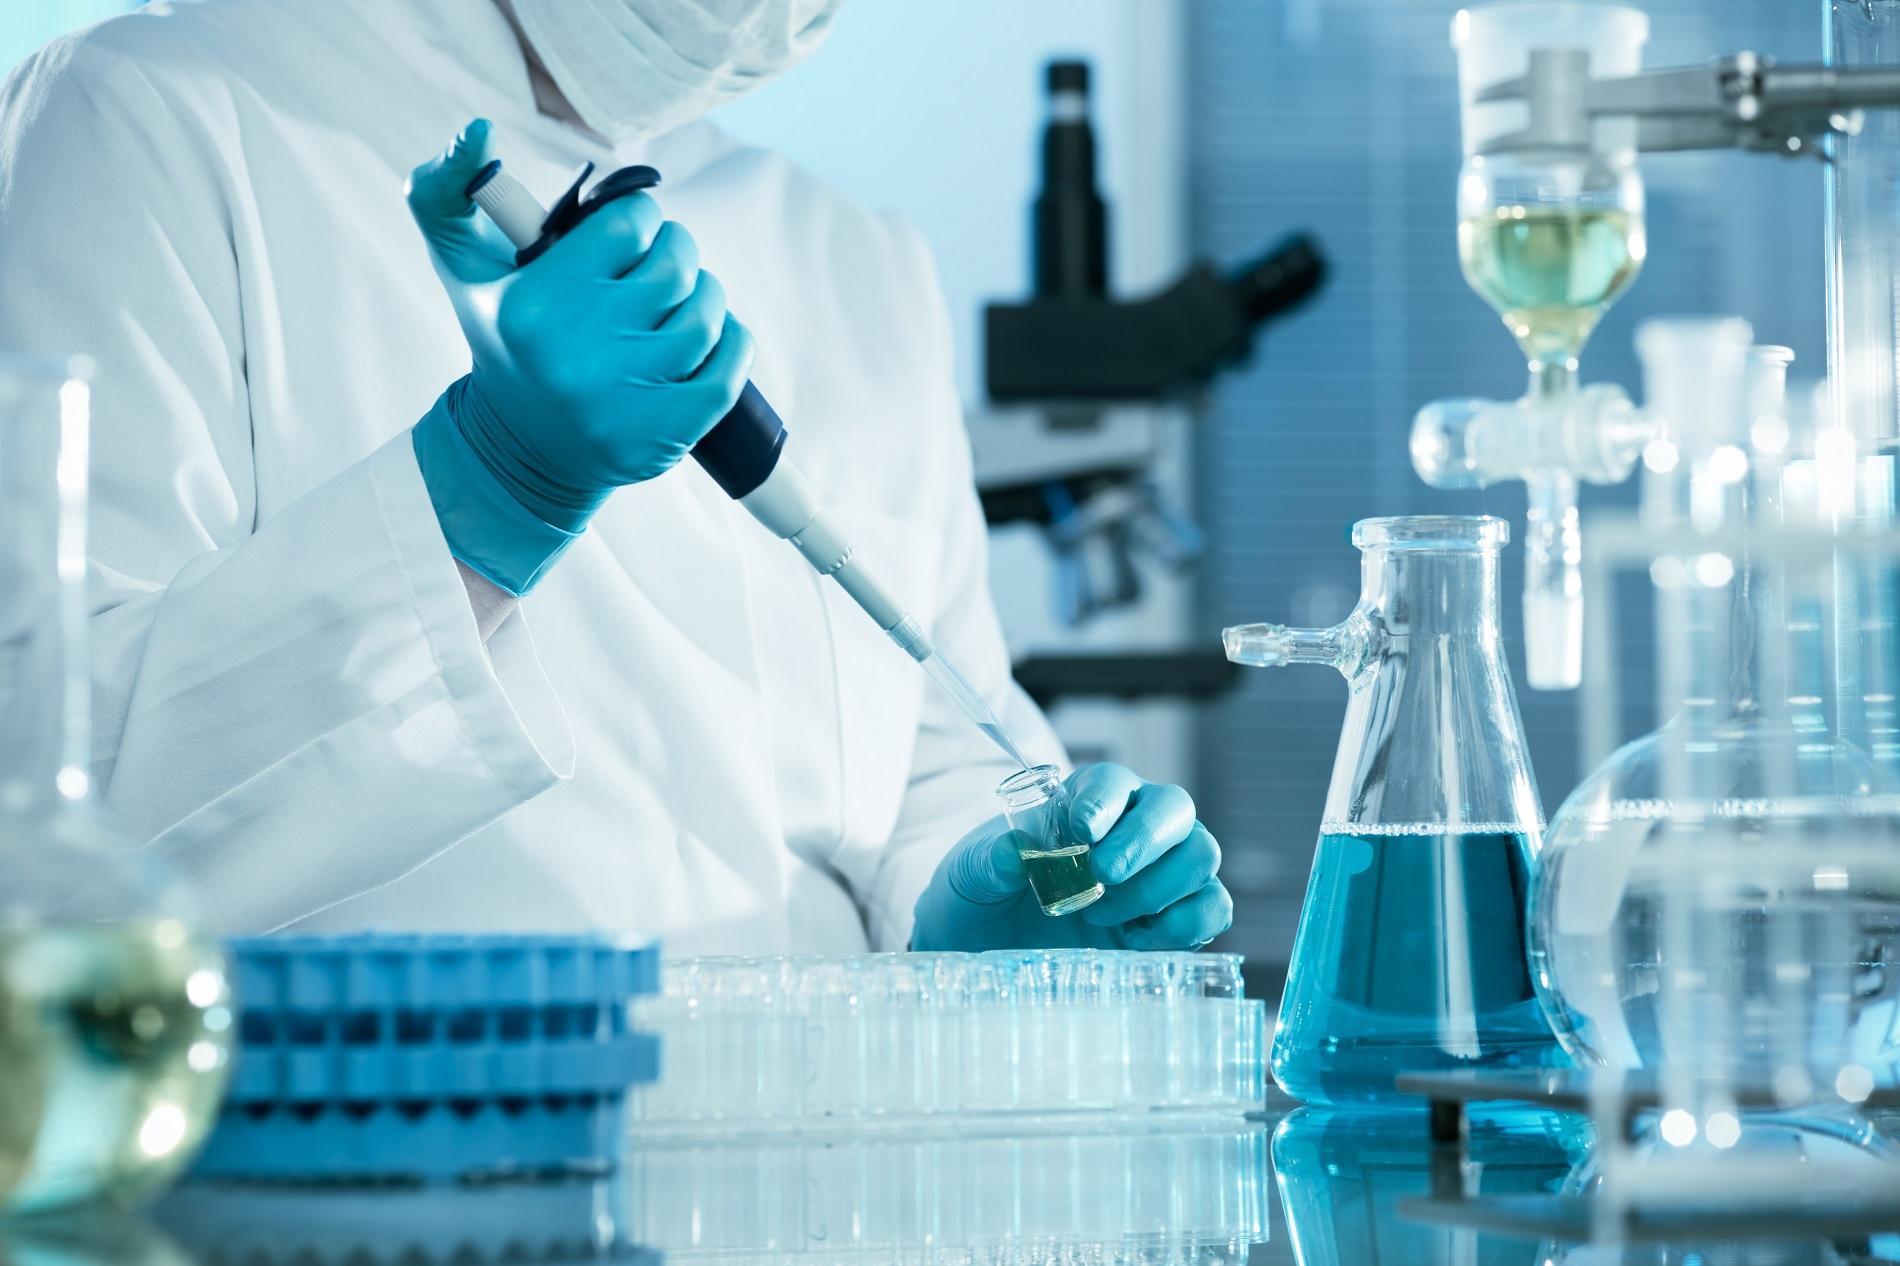 بیوتکنولوژی و منابع آزمون دکتری